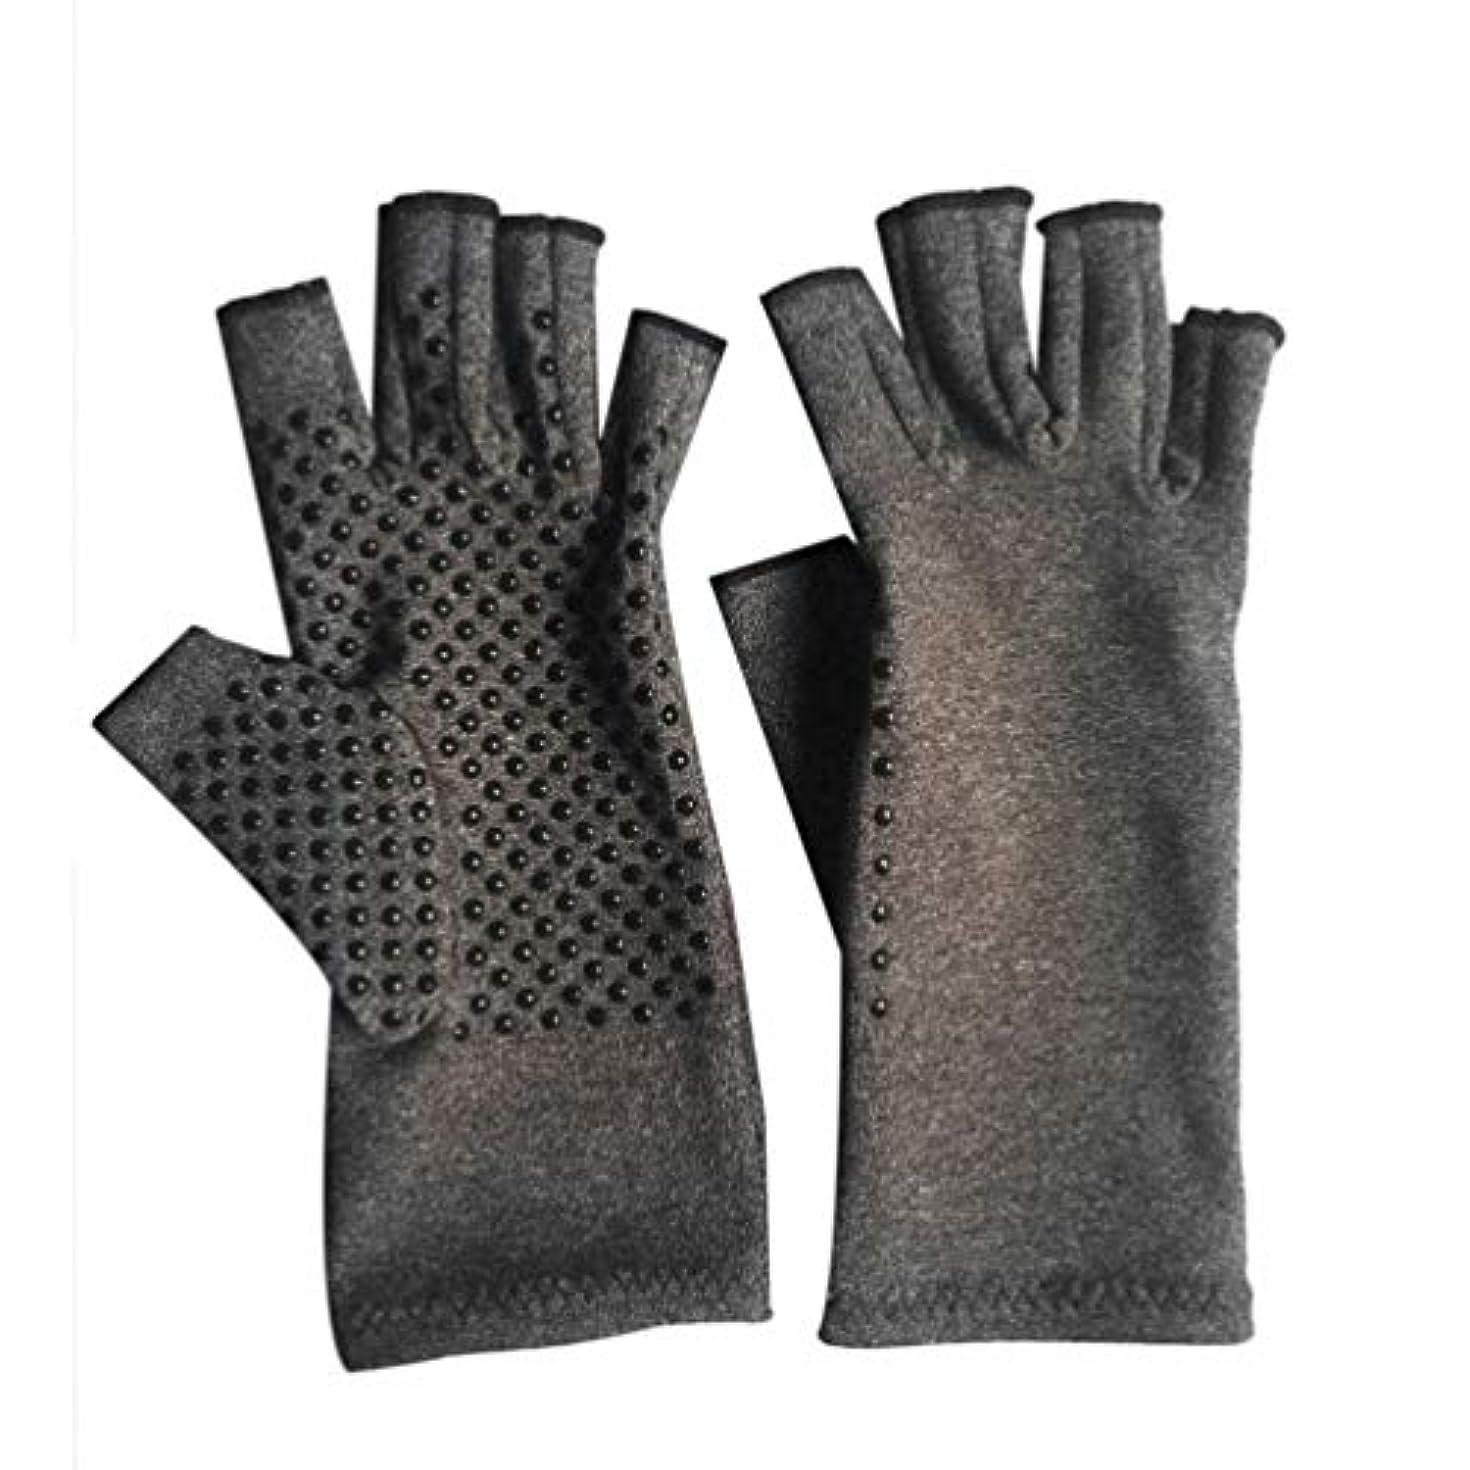 アラビア語すなわちブランド名1ペアユニセックス男性女性療法圧縮手袋関節炎関節痛緩和ヘルスケア半指手袋トレーニング手袋 - グレーM